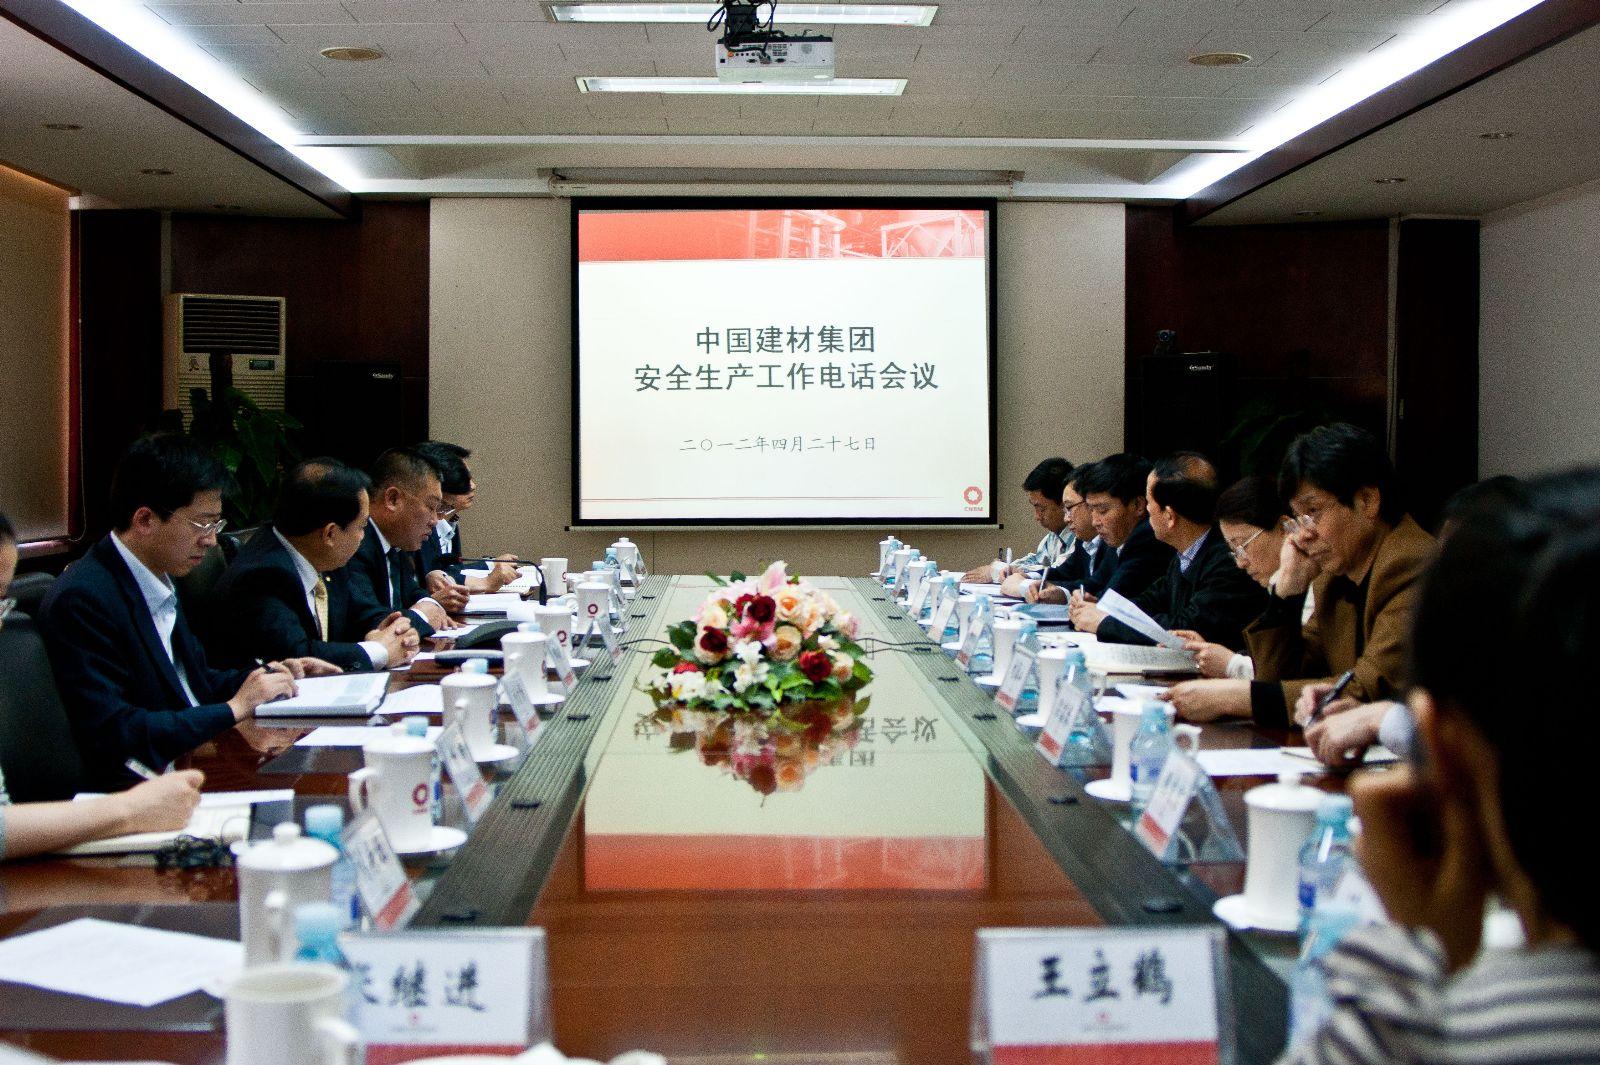 中国mg电子游戏网站召开安全生产工作电话会议